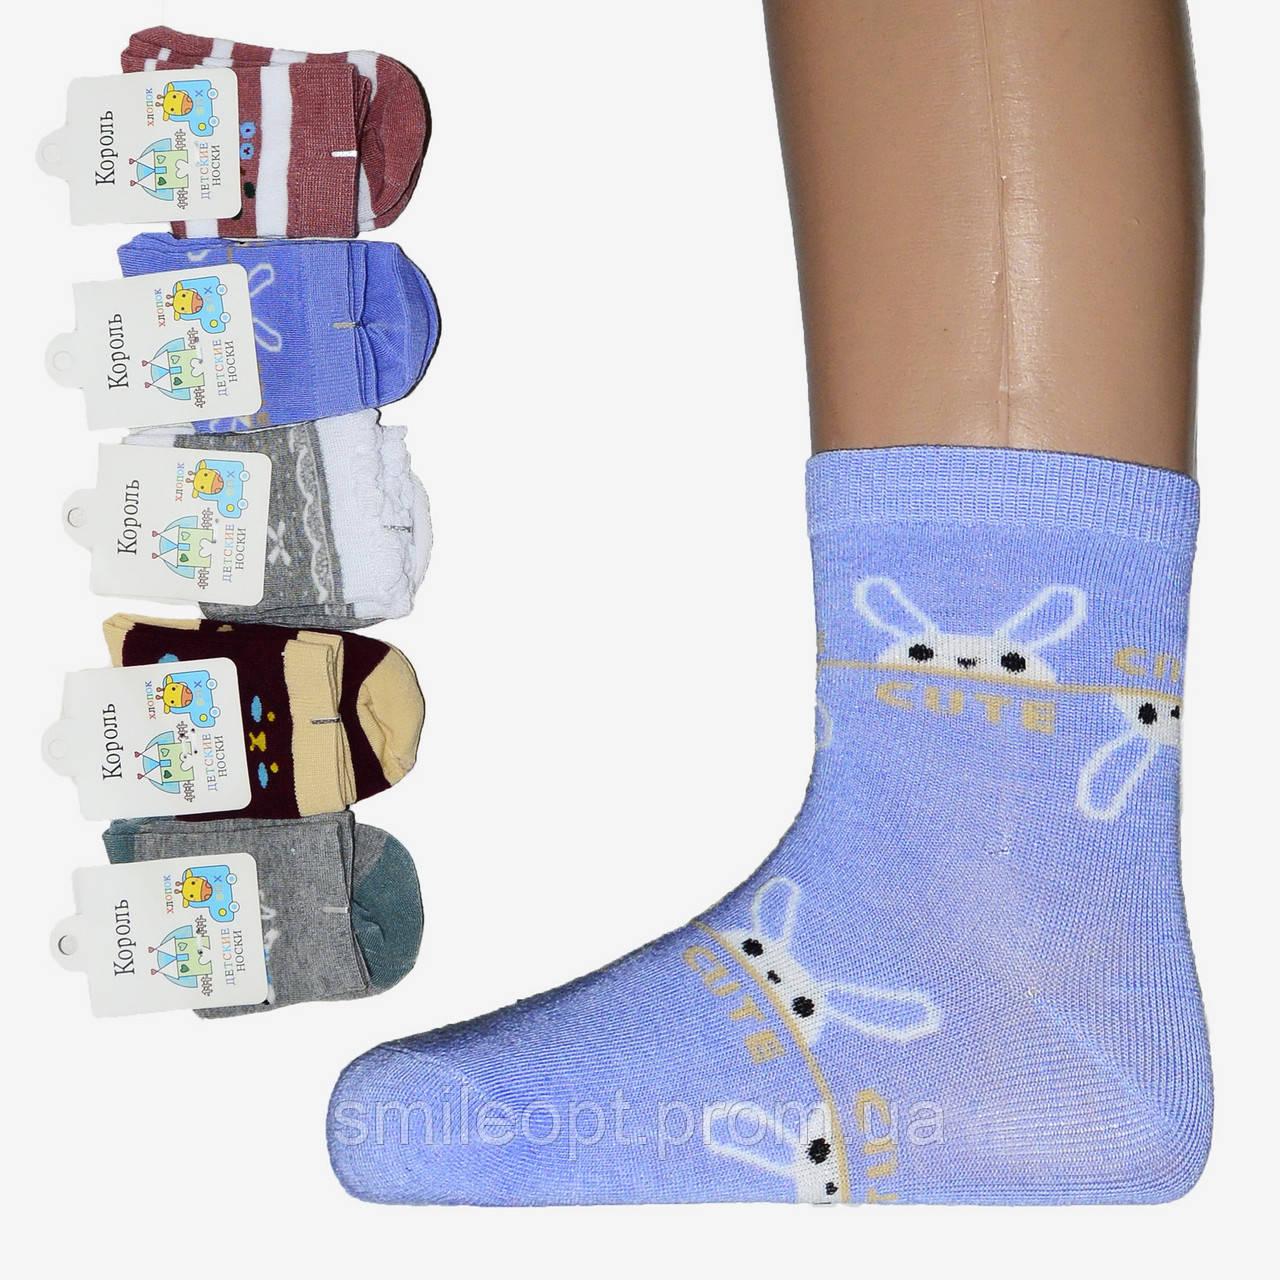 cb4ceec235aee Качественный детский носок